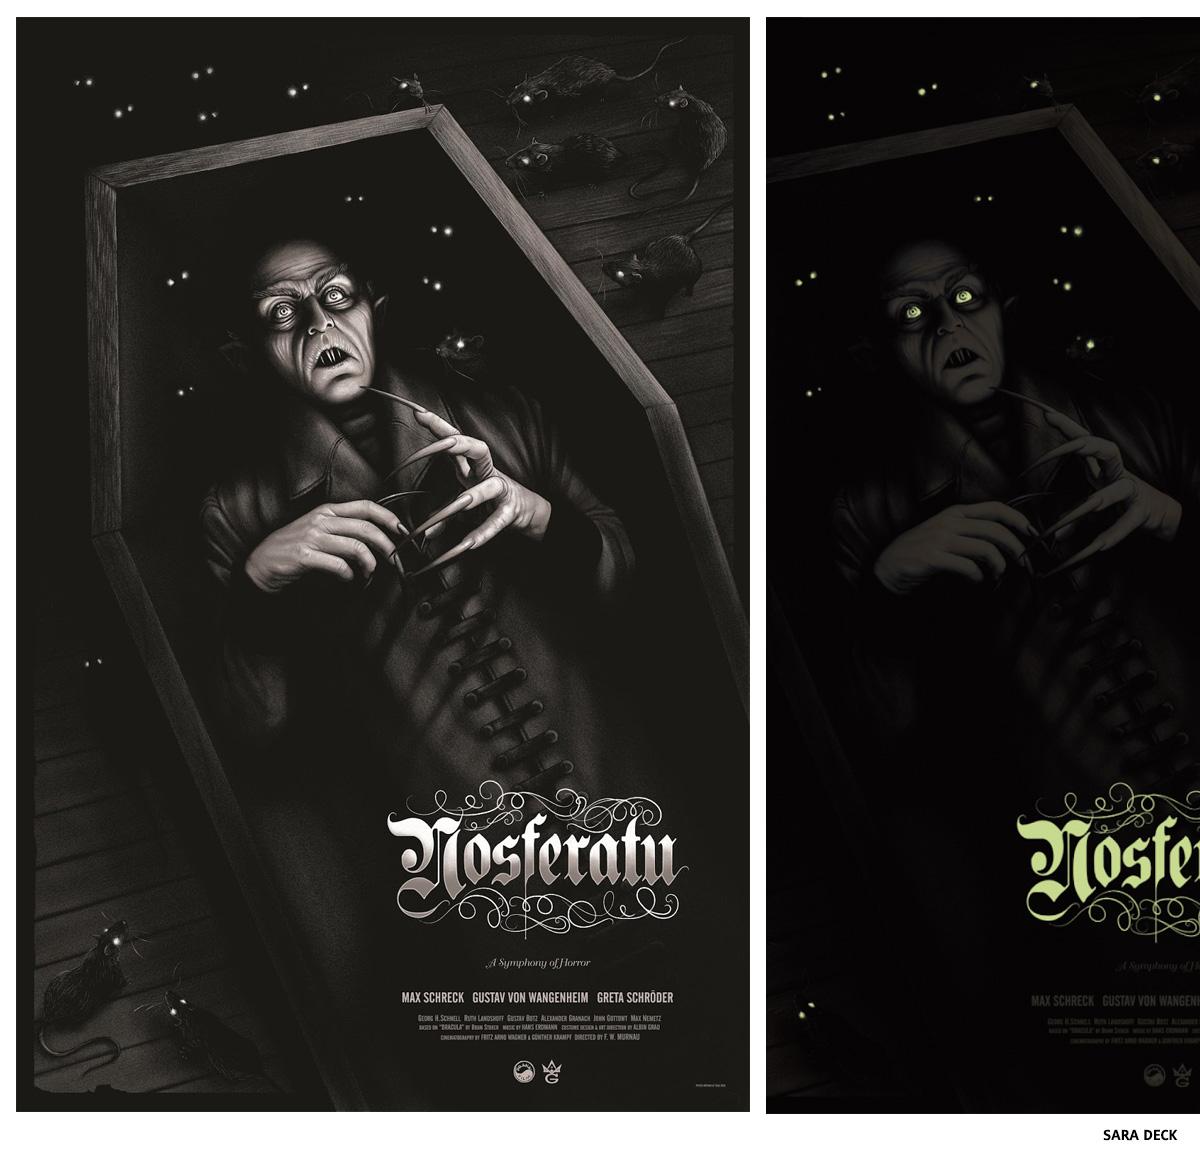 Nosferatu par Sara Deck affiche sérigraphie